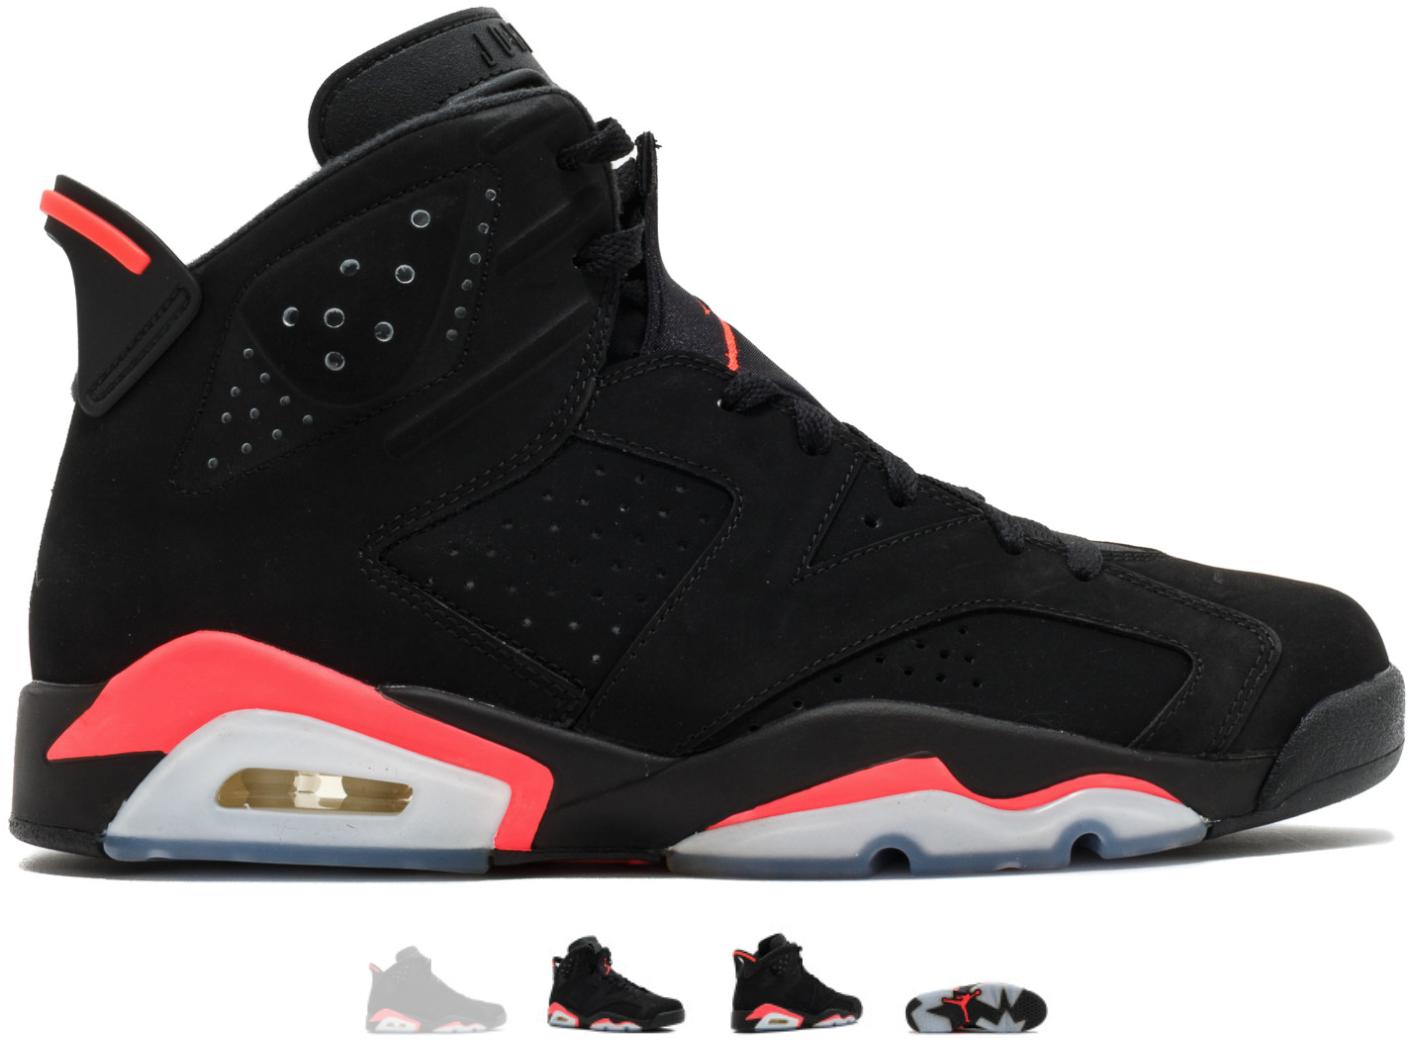 Nike air jordan retro - 6 384664-023 vi schwarz - 384664-023 6 verbindlich. b24dd6